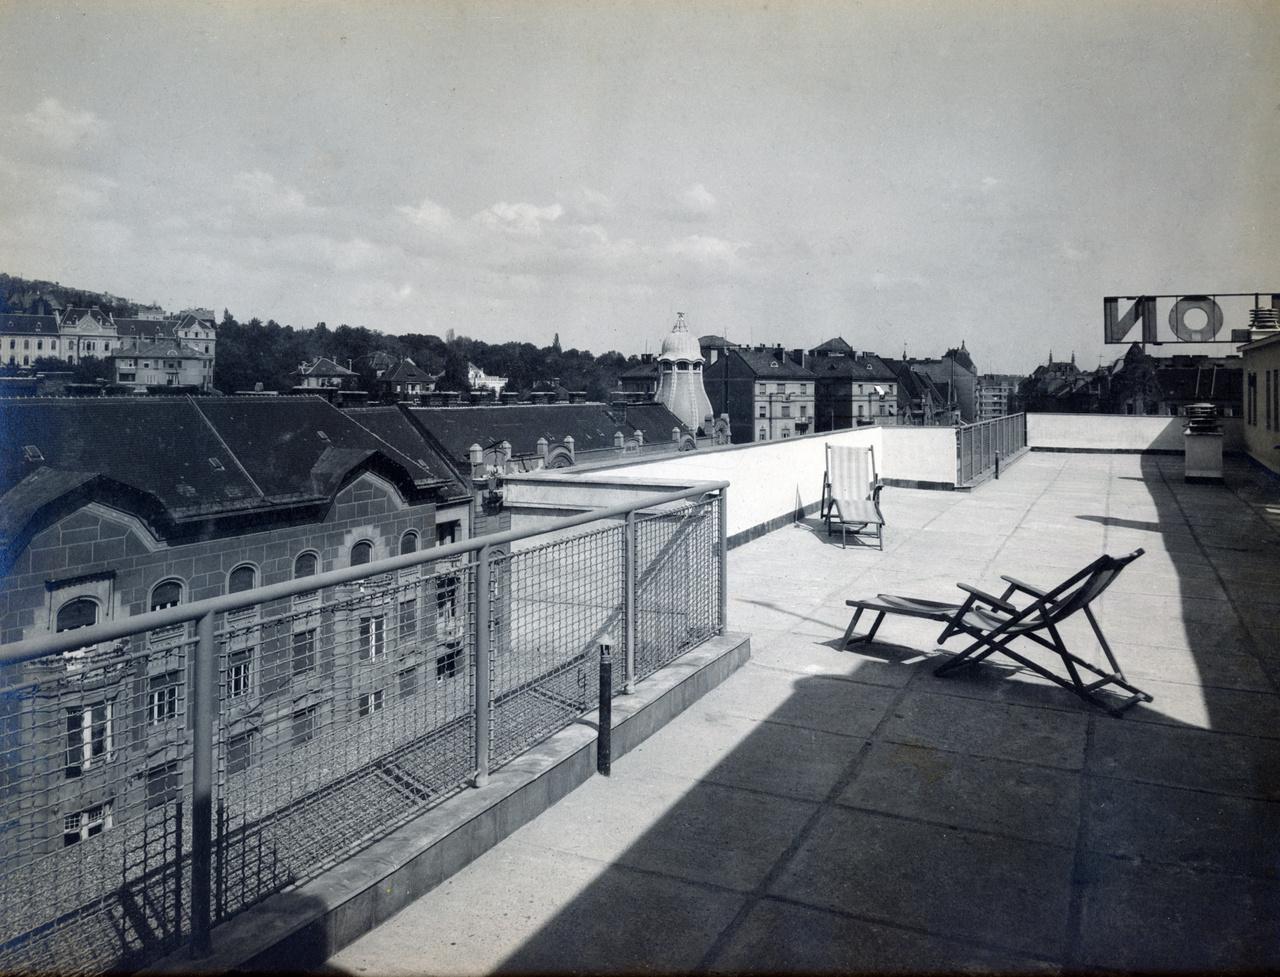 A Simplon volt az első modern bérház a fővárosban, szóval alighanem ez volt az első olyan is, aminek igazi nagyvárosi tetőterasza lehetett. A nyugágyak akár maiak is lehetnének. A háttérben a Móricz Zsigmond körtér egyik házának jellegzetes tetődísze, és a térre néző neonfelirat utolsó betűi látszanak.